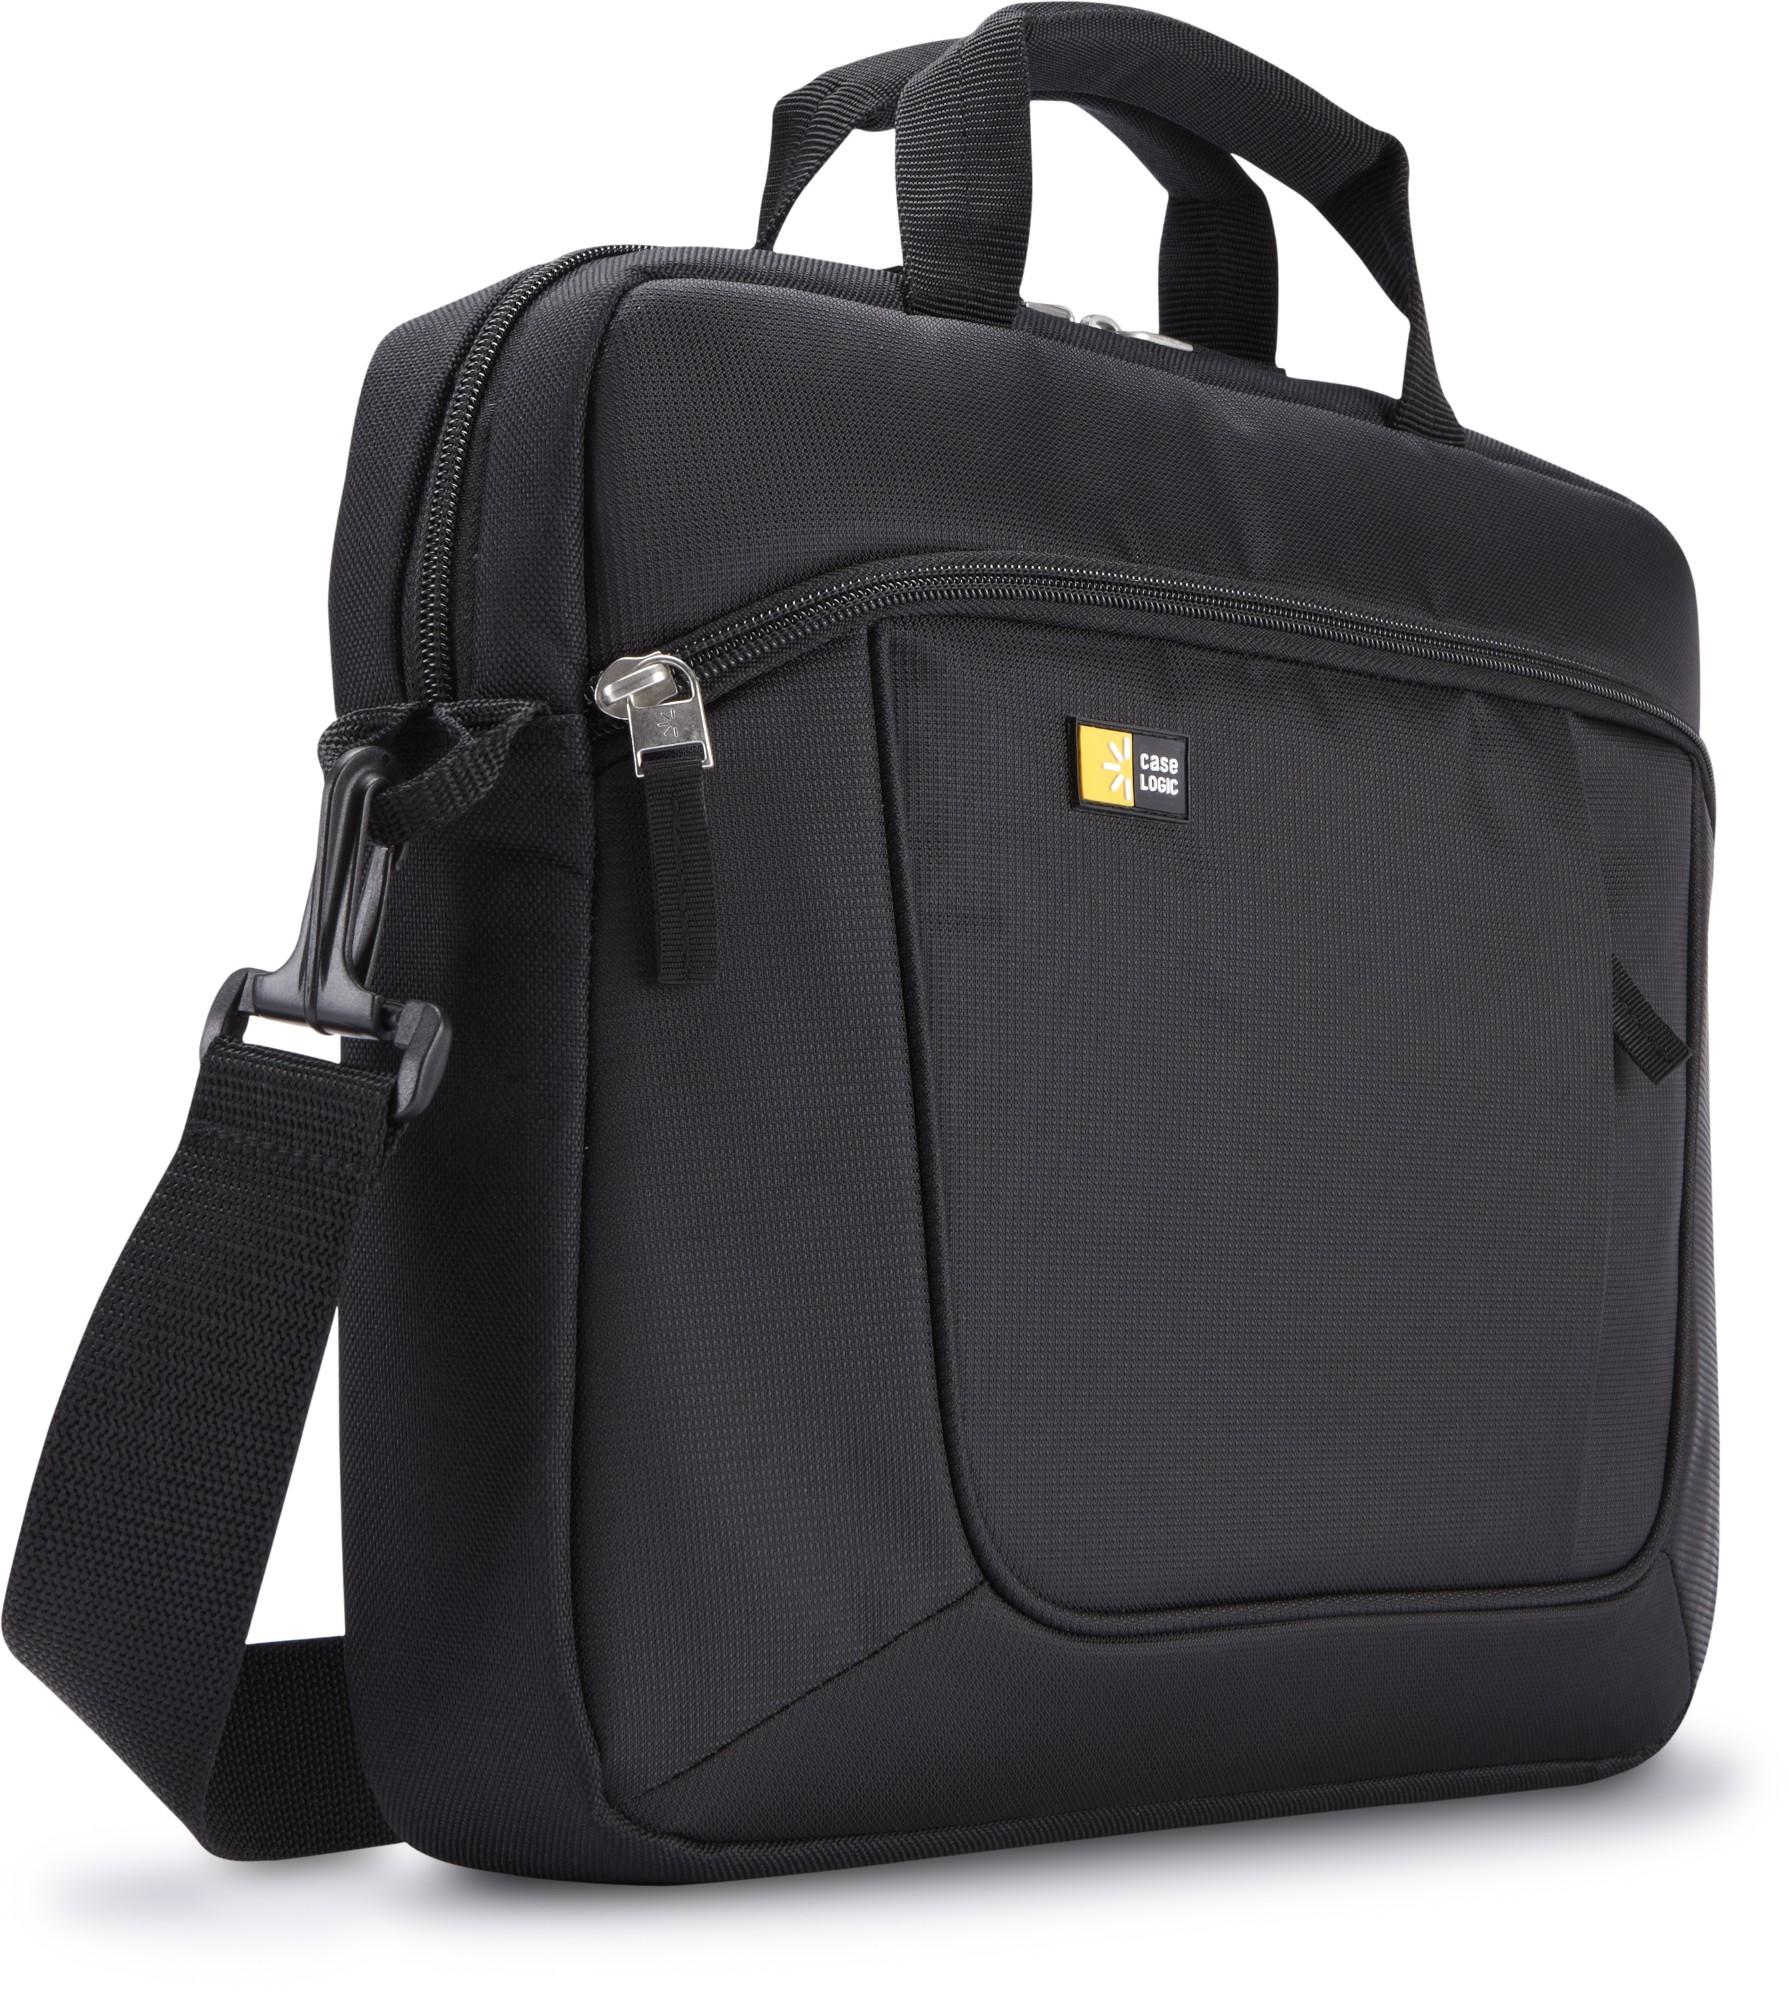 Attache Case Nylon 15 6in Black